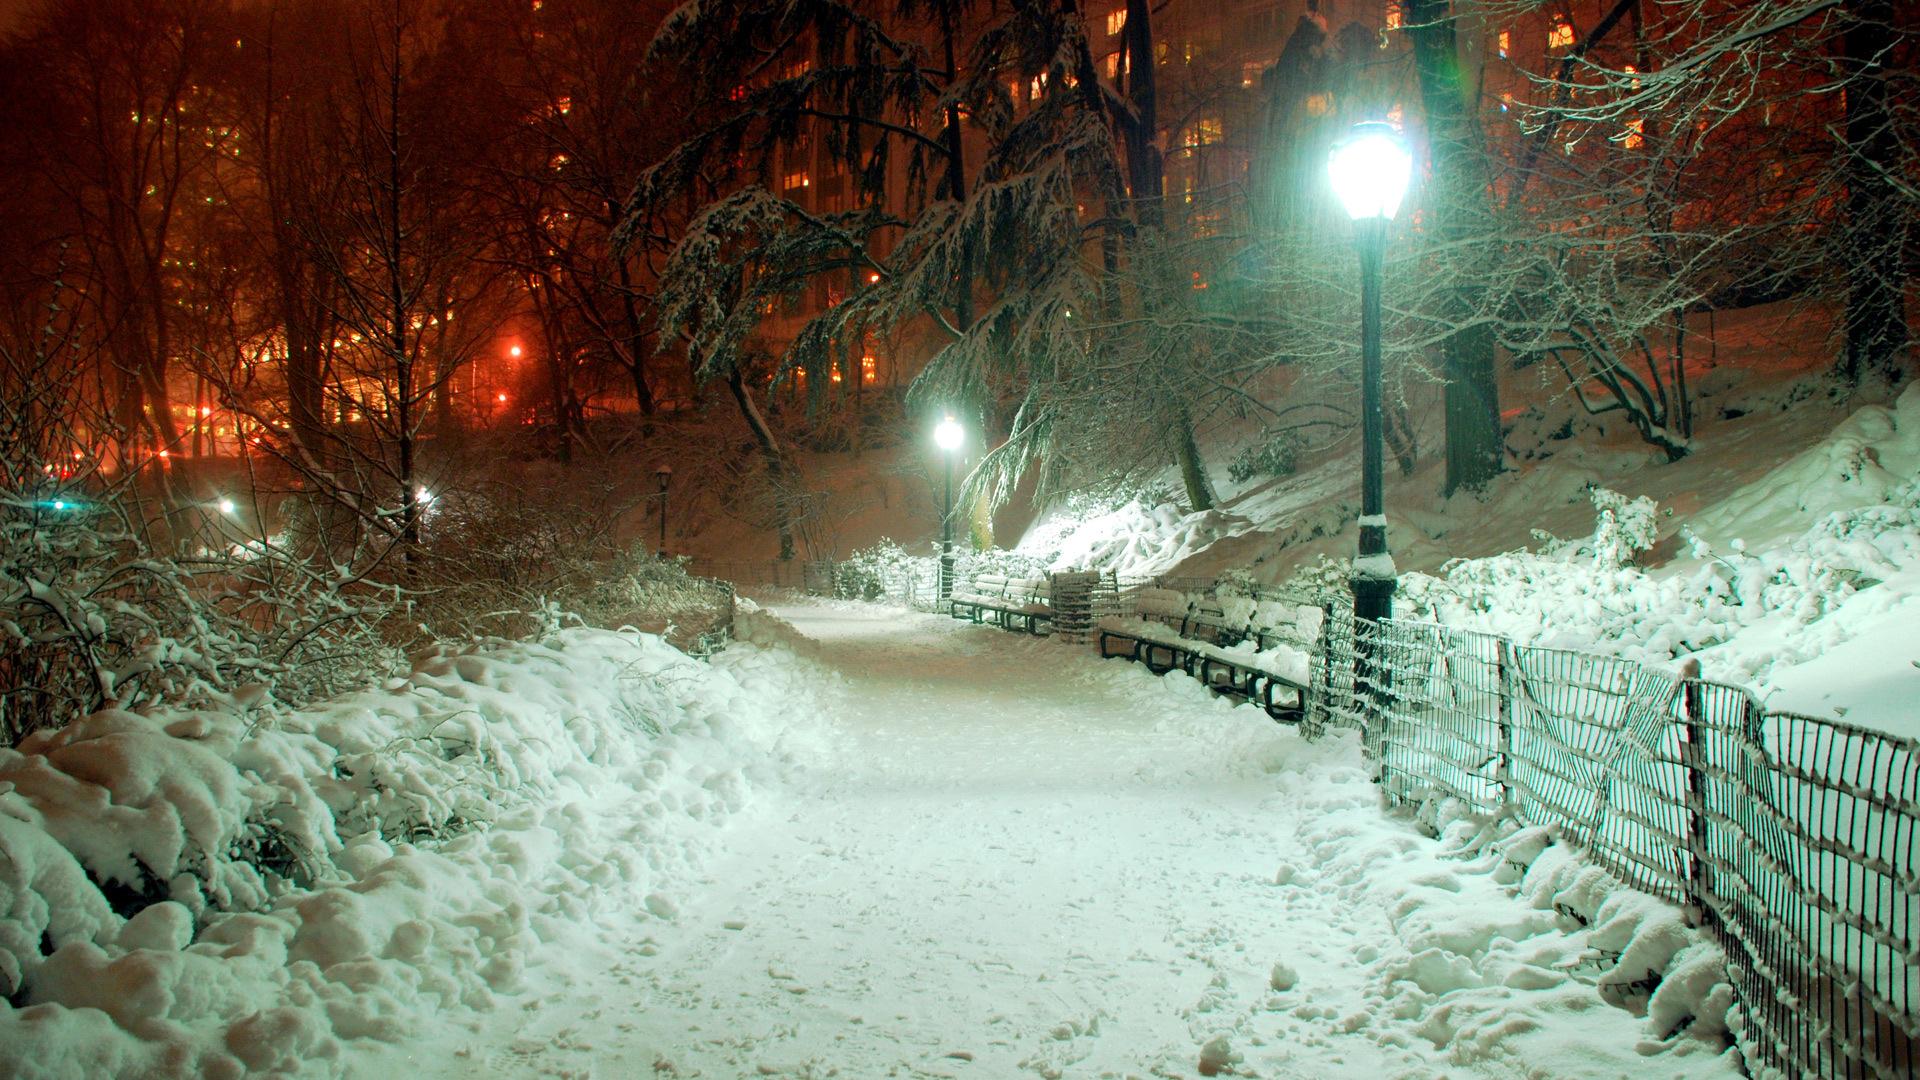 Скачать картинку Дороги, Ночь, Снег, Пейзаж, Деревья в телефон бесплатно.